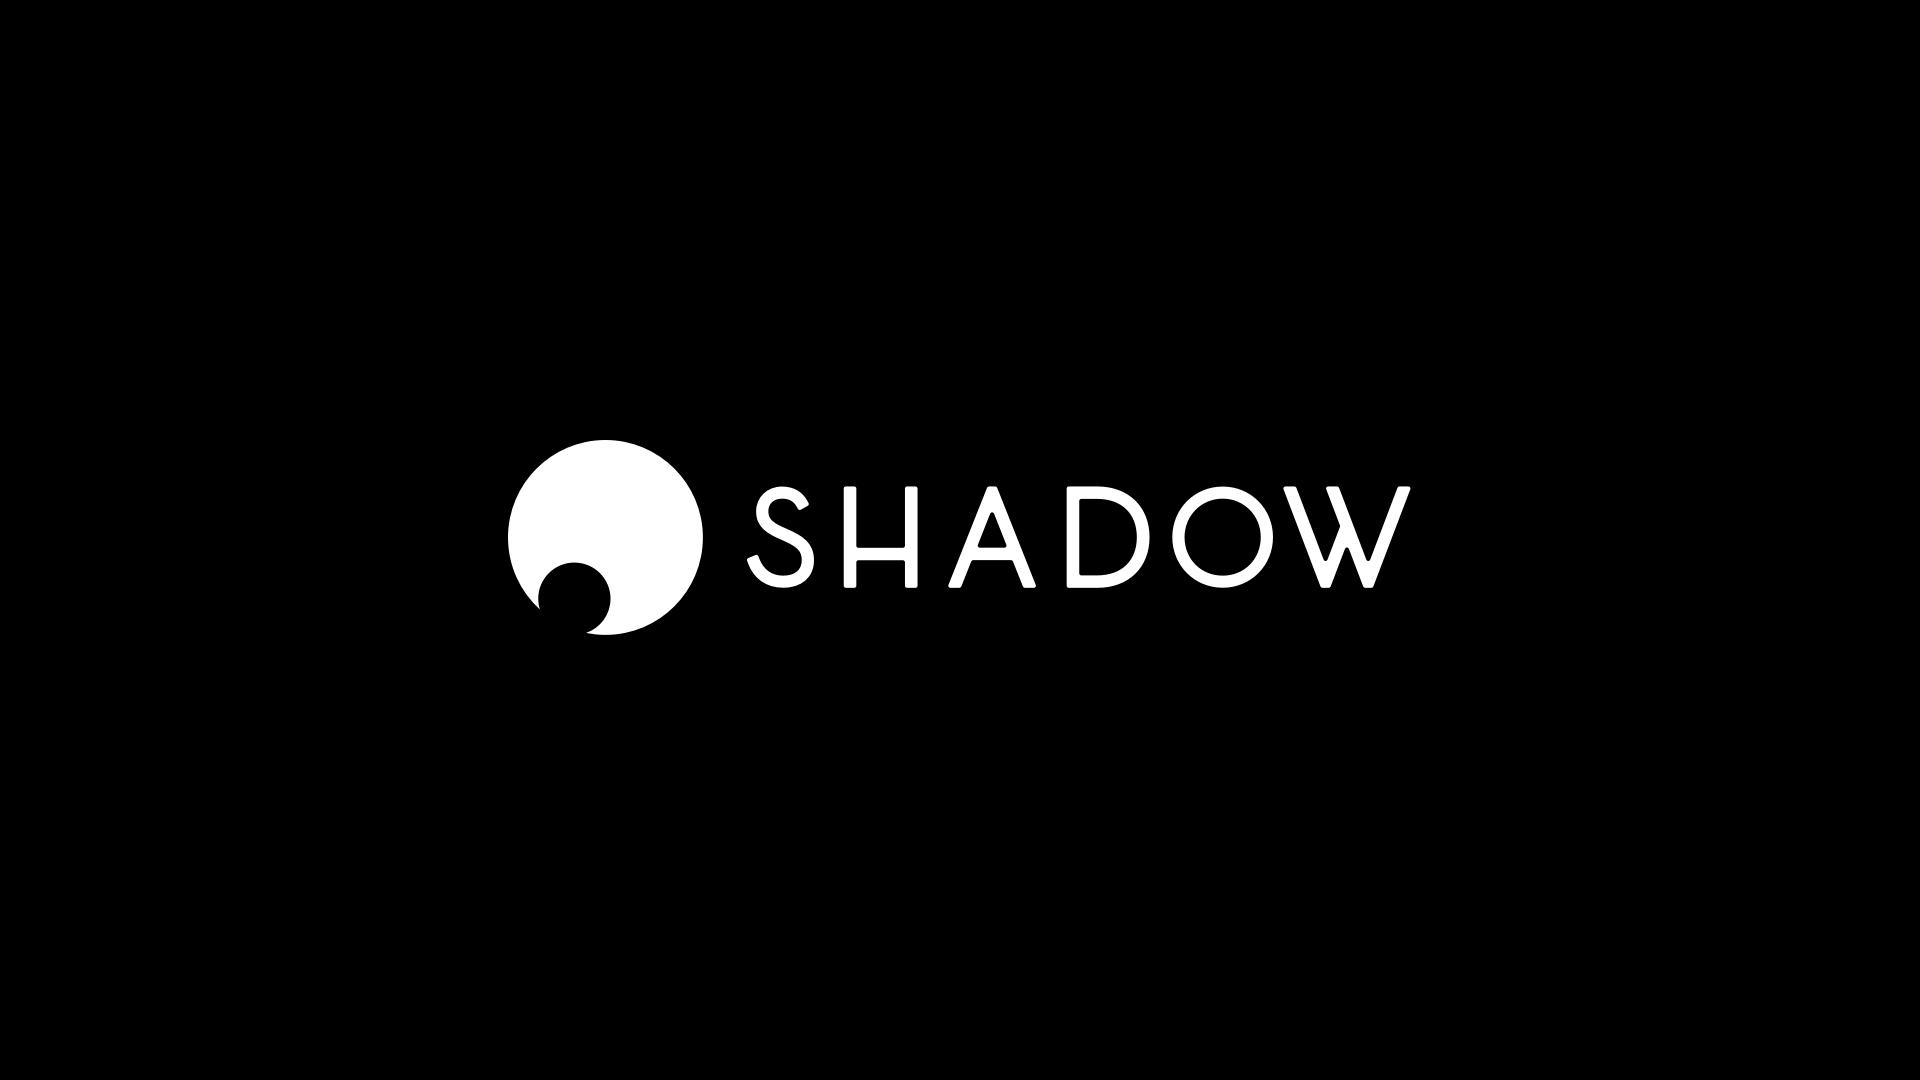 Résiliation Shadow plateforme facilement